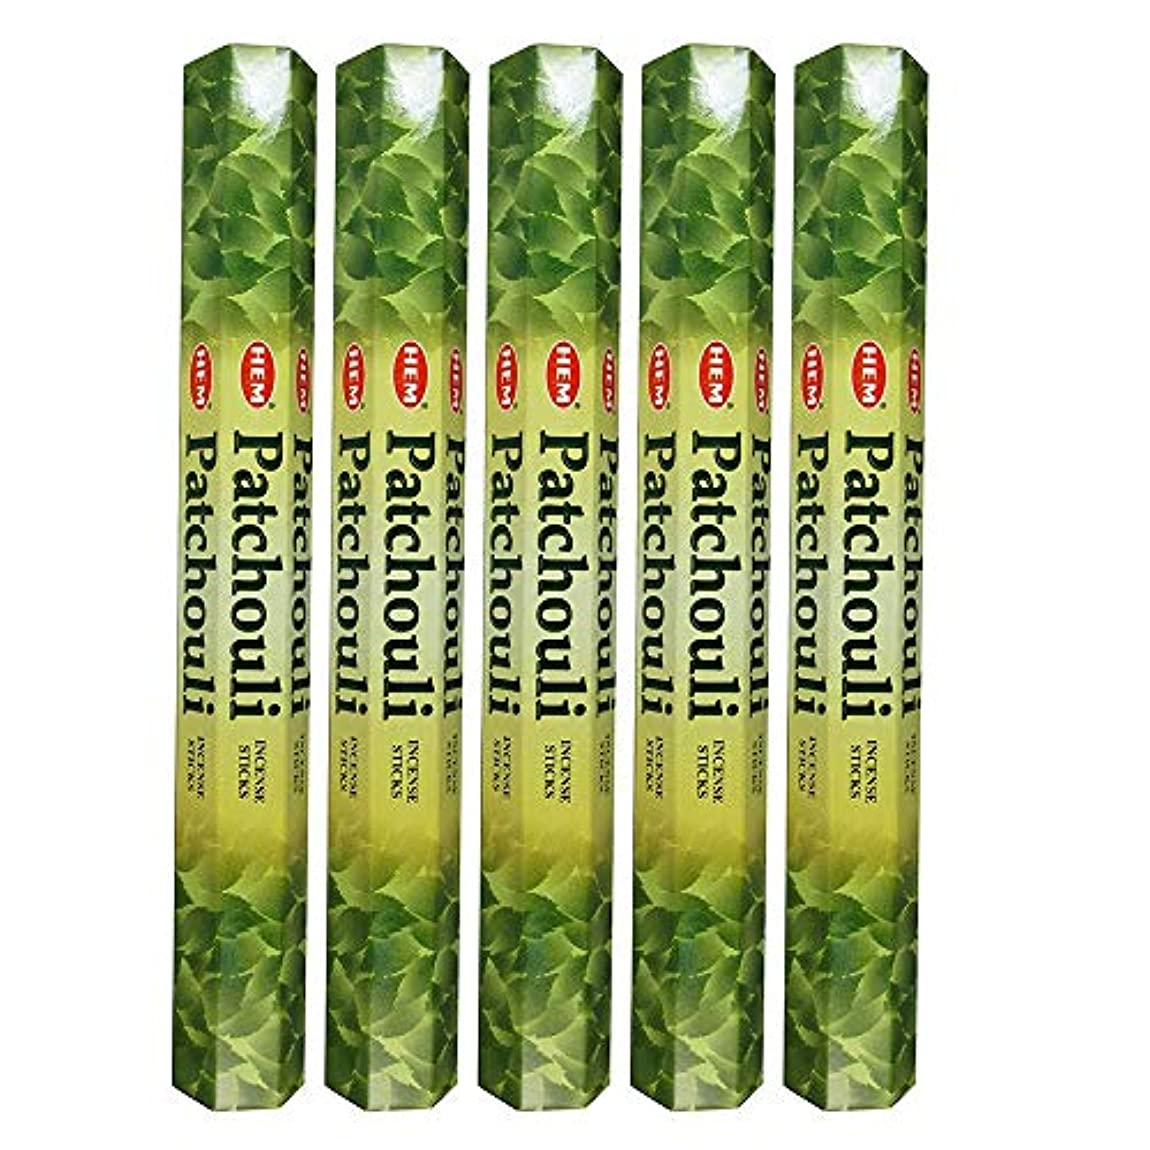 マイクロおなじみの付与Hemパチョリ100 Incense Sticks (5 x 20スティックパック)